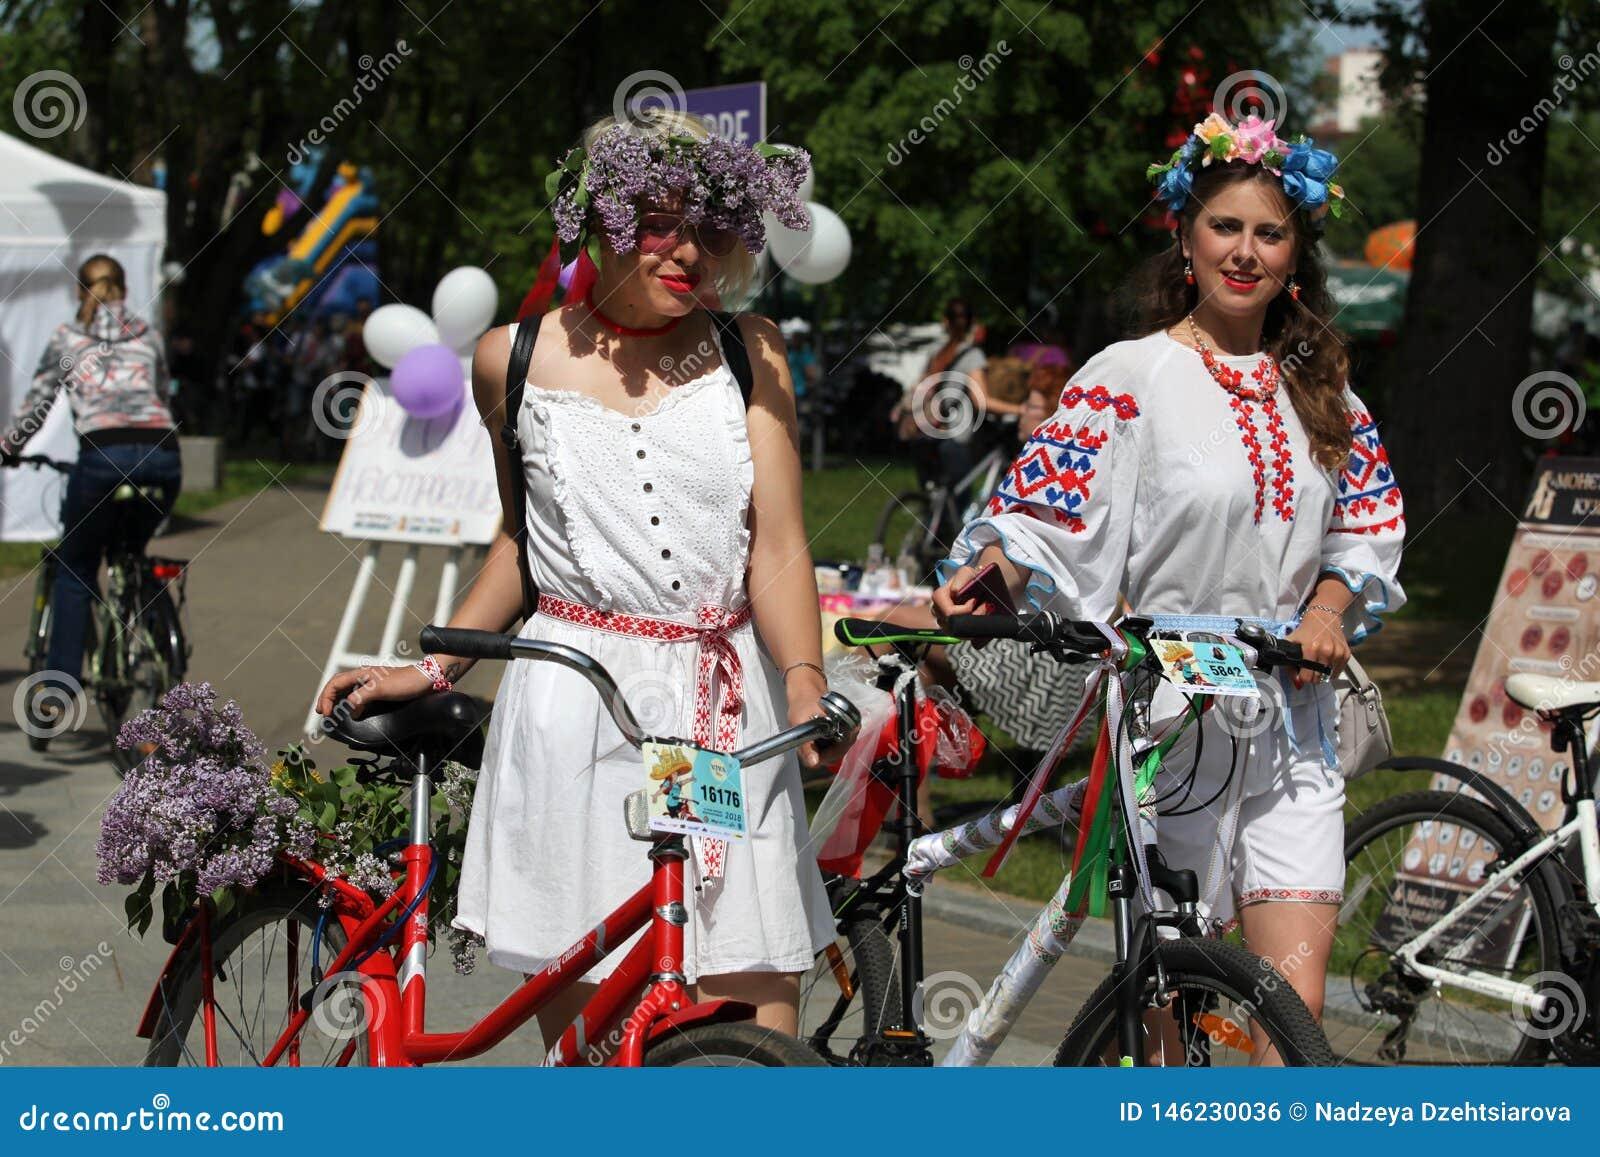 Участники в ежегодной масленице велосипедистов, Минск, Беларусь